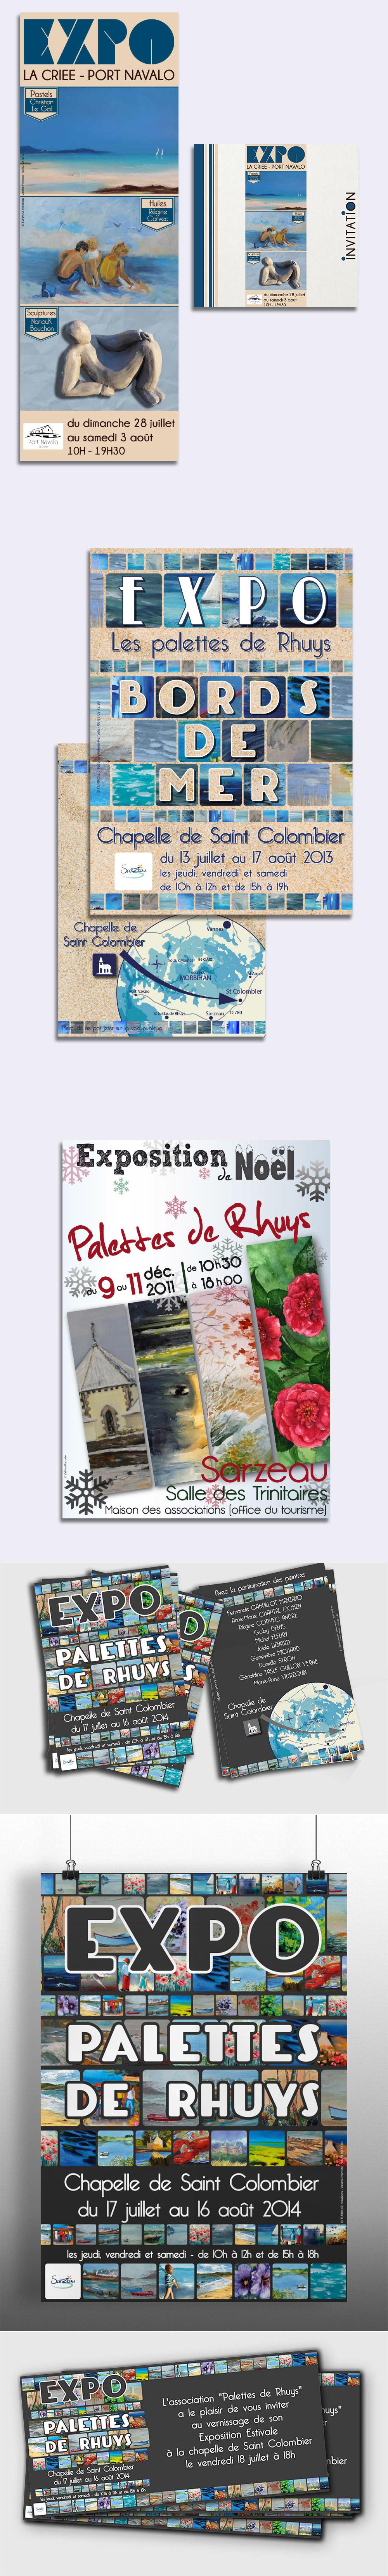 Evénementiel - Exposition Palettes de Rhuys- Affiche réalisés par Turkoiz Créations by Valérie Perrodo